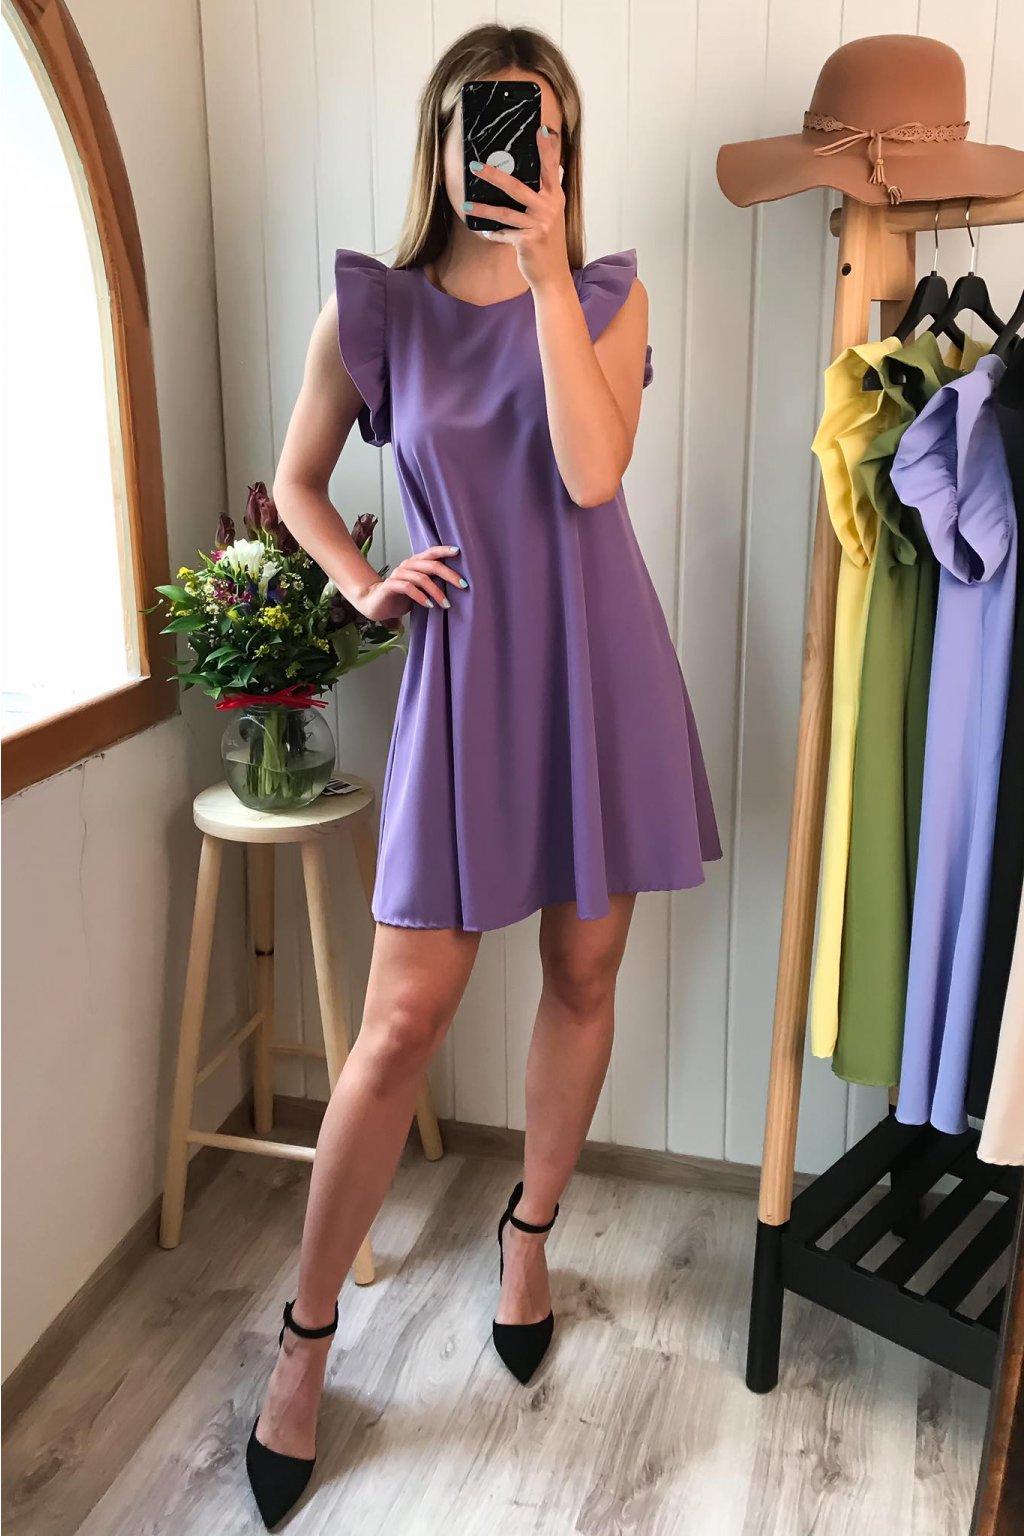 Fialové šaty s volánikmi, sýto fialové, spoločenské, elegantné, letné šaty, cribs Bardejov, cribs Prešov, dámsky butik (1)